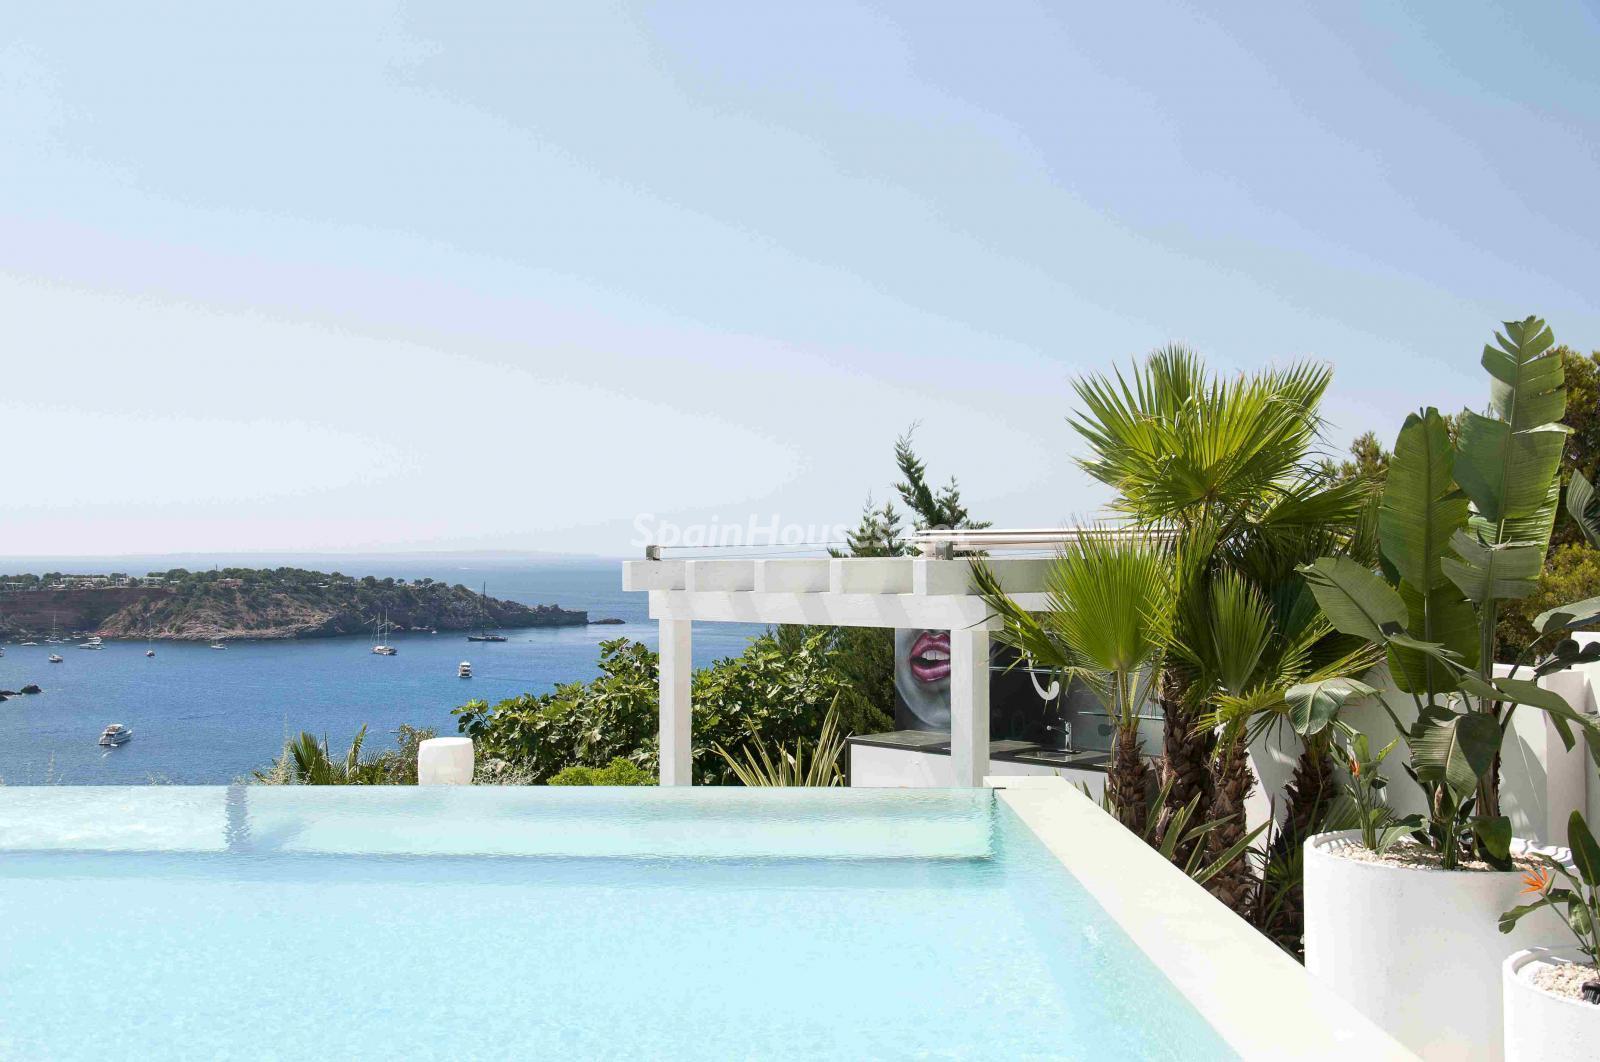 763282 1883886 foto54277754 - Una obra de arte moderno hecha casa en las Islas Baleares